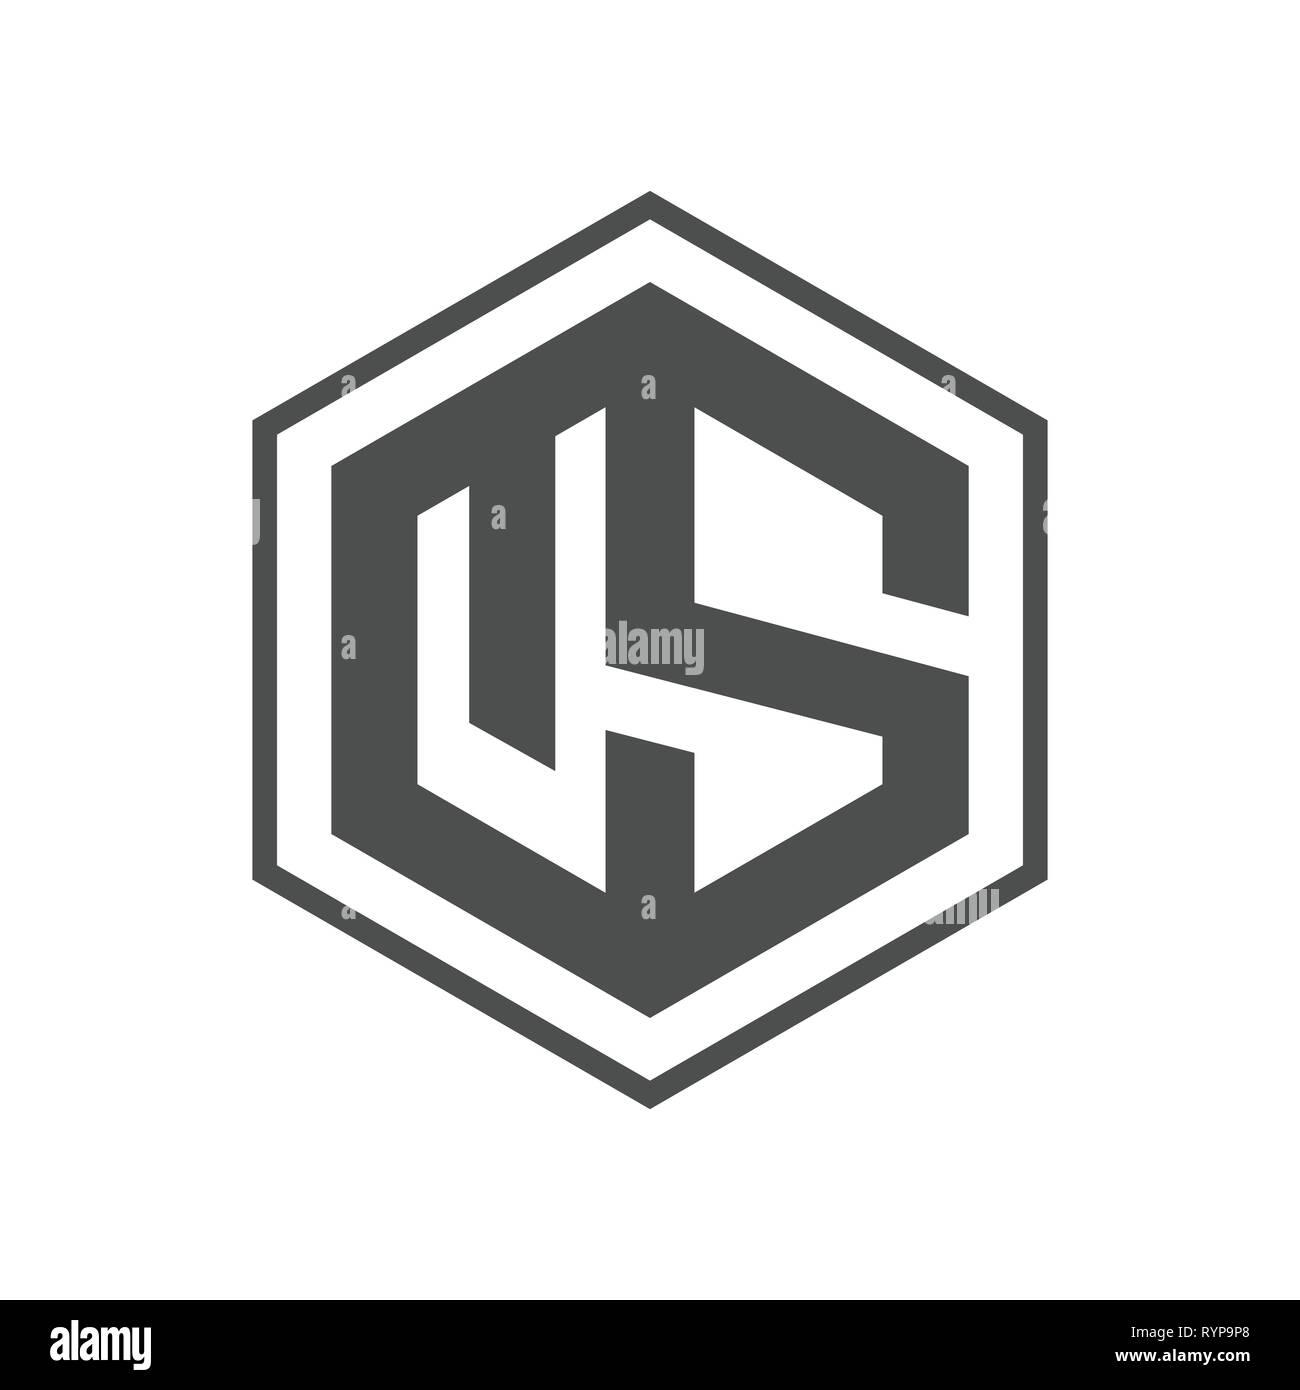 Hexagon - US hexagon Vector logo concept illustration. Hexagon geometric polygonal logo. Hexagon abstract logo. Vector logo template. Design element. - Stock Vector